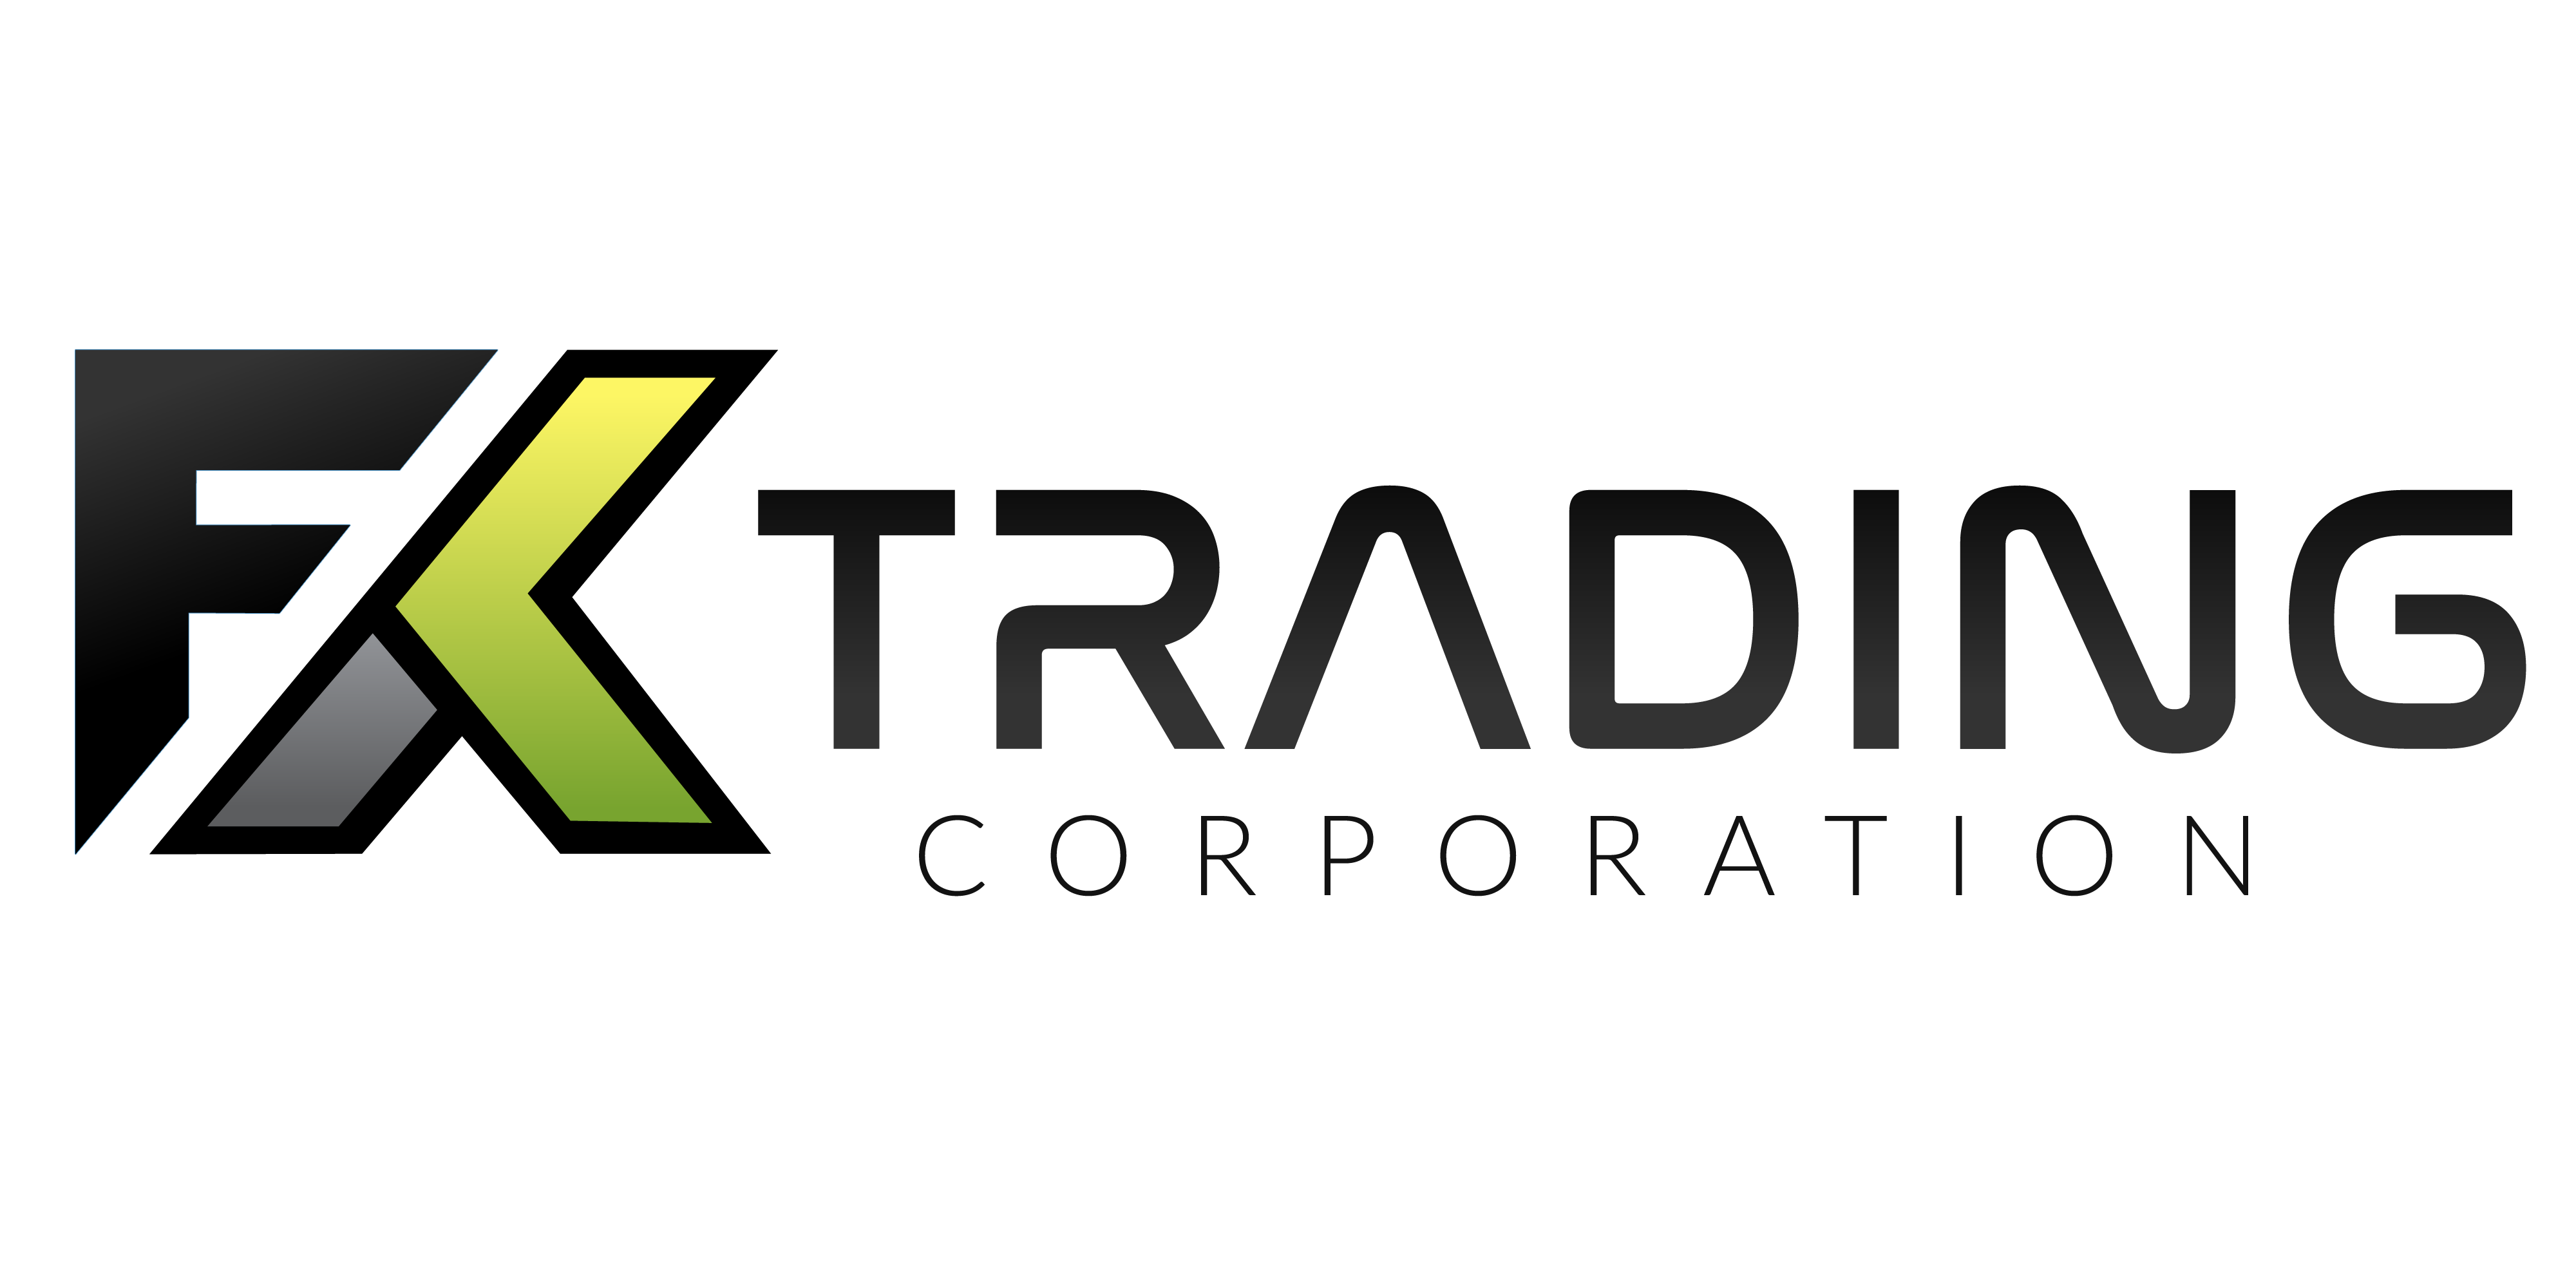 OPEN FX TRADING RS - PATROCINADORES 2019 - Sympla